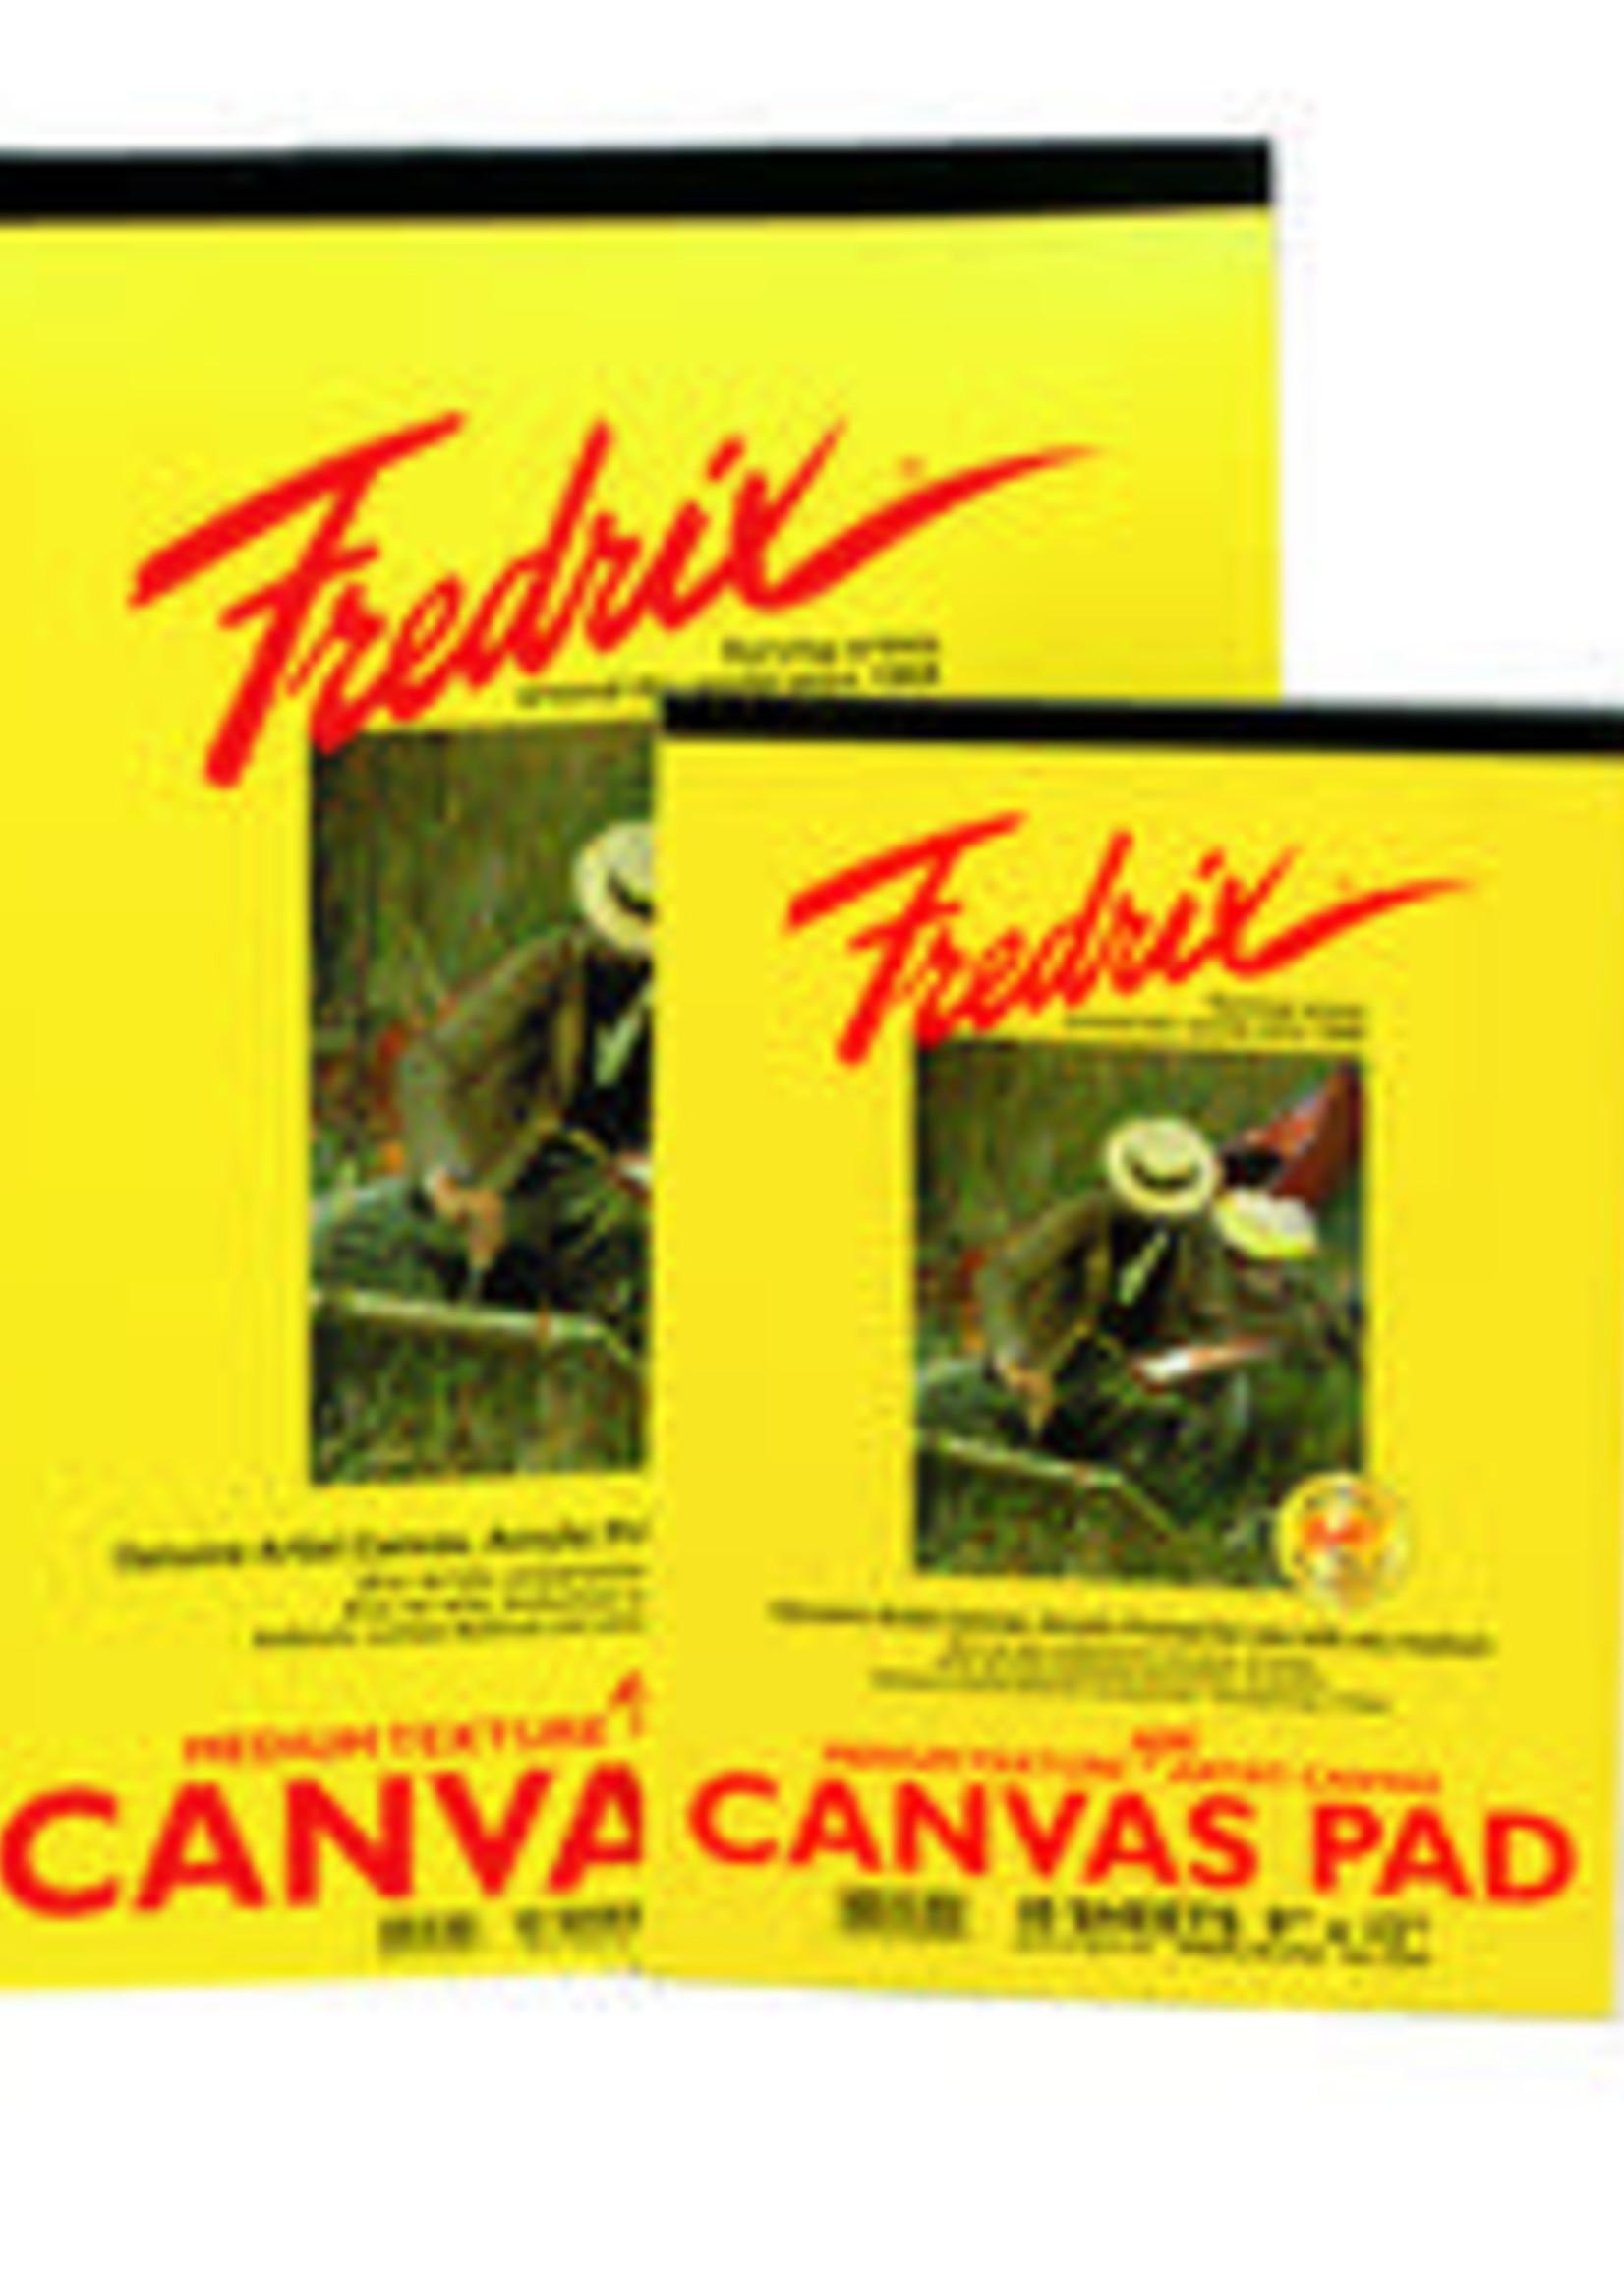 TARA/FREDRIX WHITE REAL CANVAS PAD 10 SHEETS